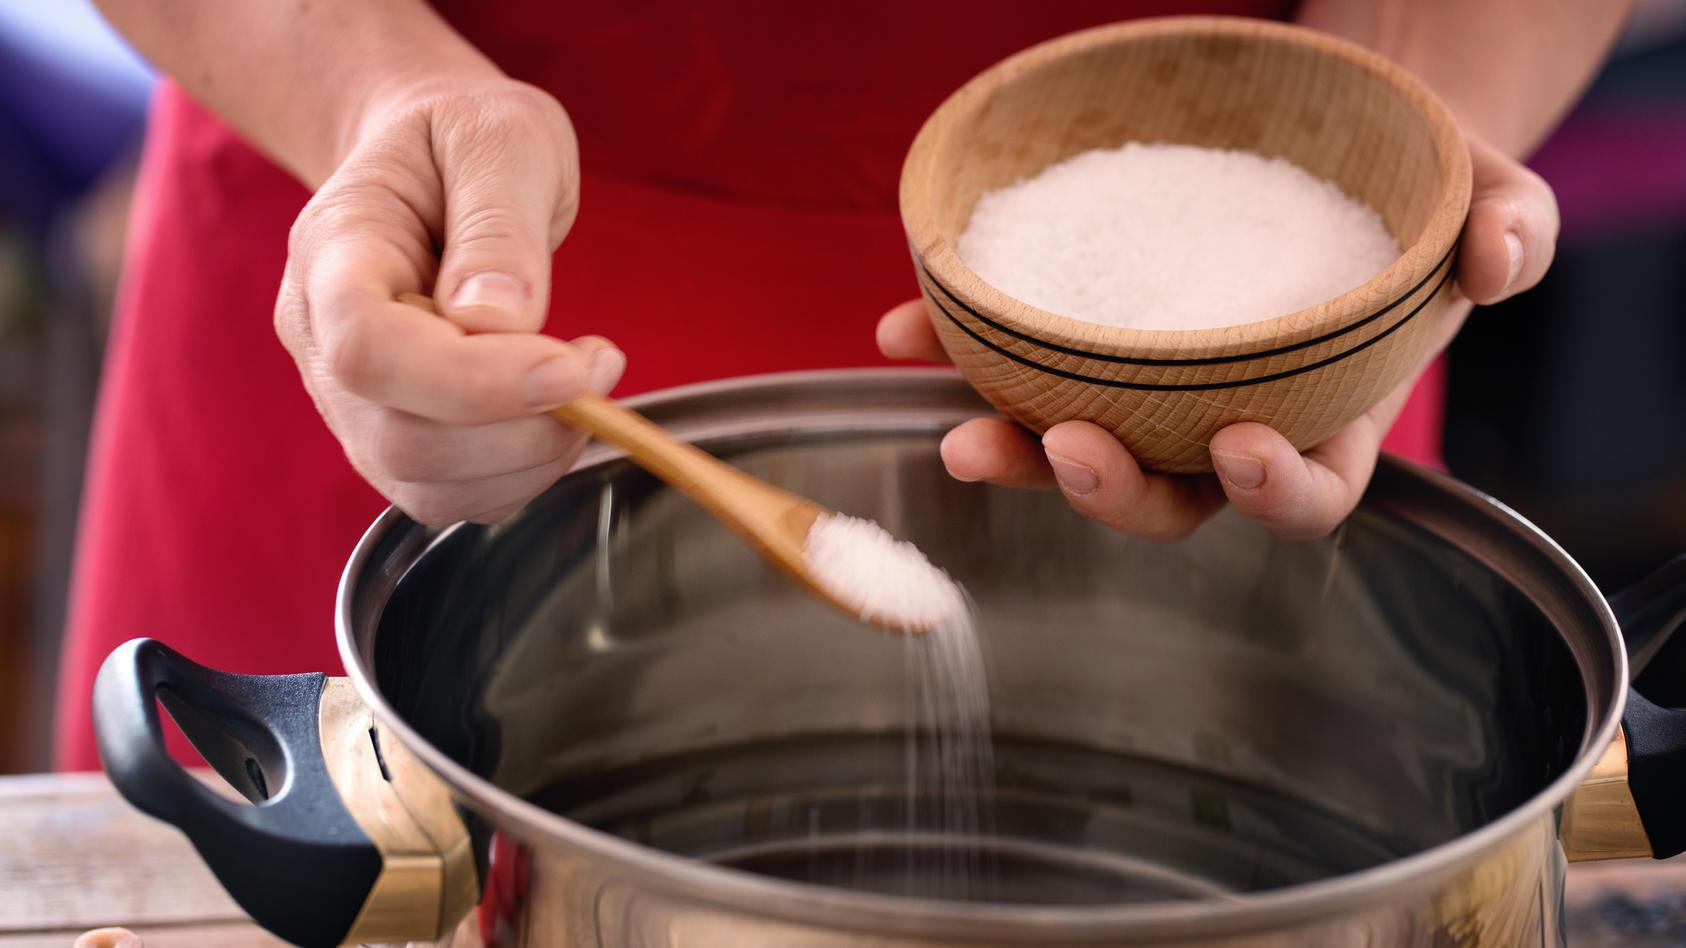 Salz ist bei Weitem nicht nur nützlich, um Ihrem Essen die richtige Würze zu geben.